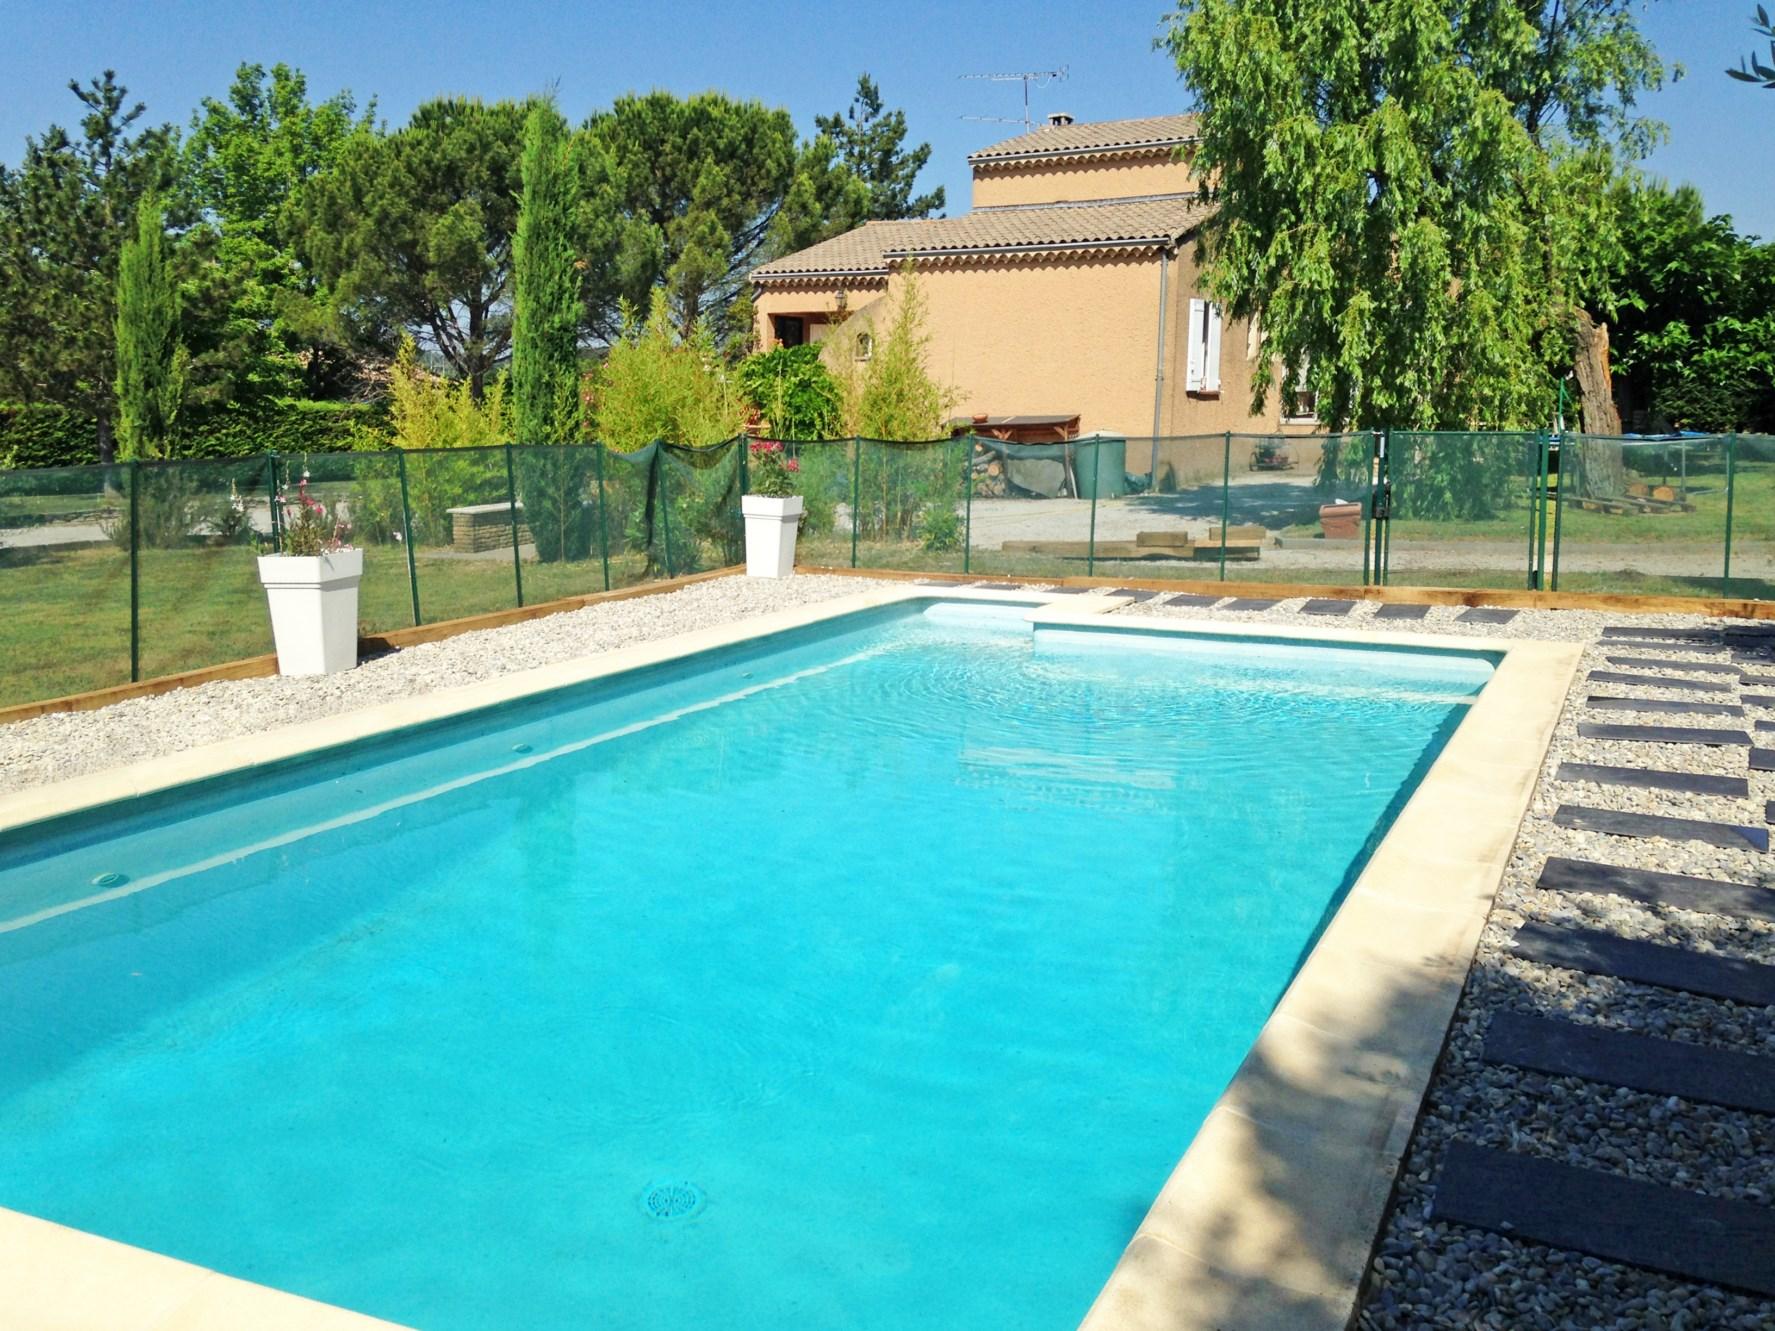 Villa avec piscine à vendre par ROSIER